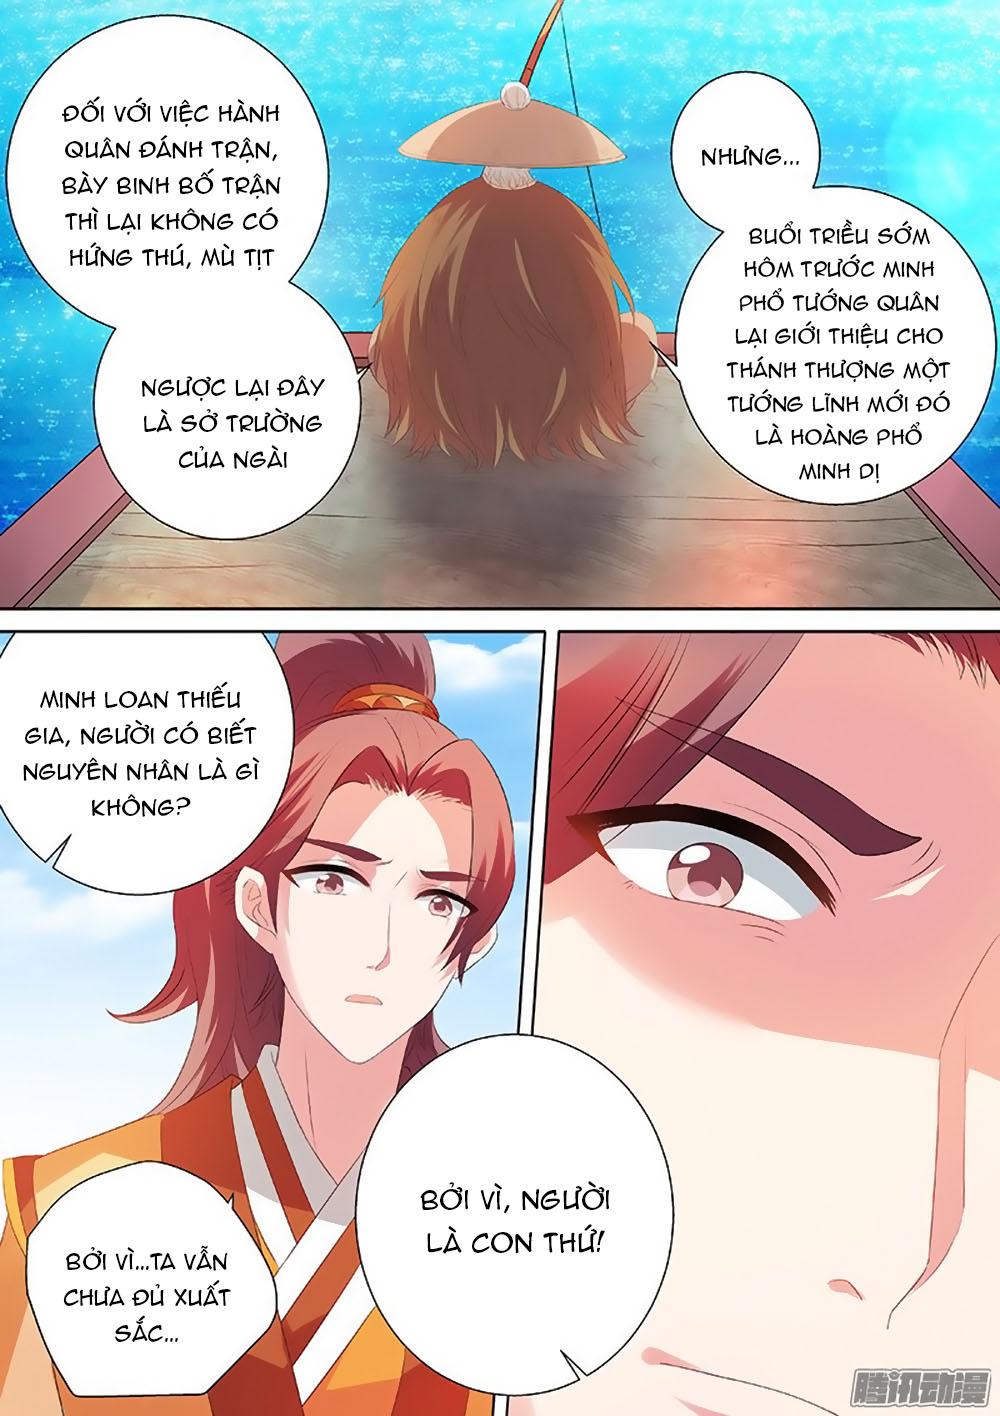 Hệ Thống Chế Tạo Nữ Thần chap 24 - Trang 7